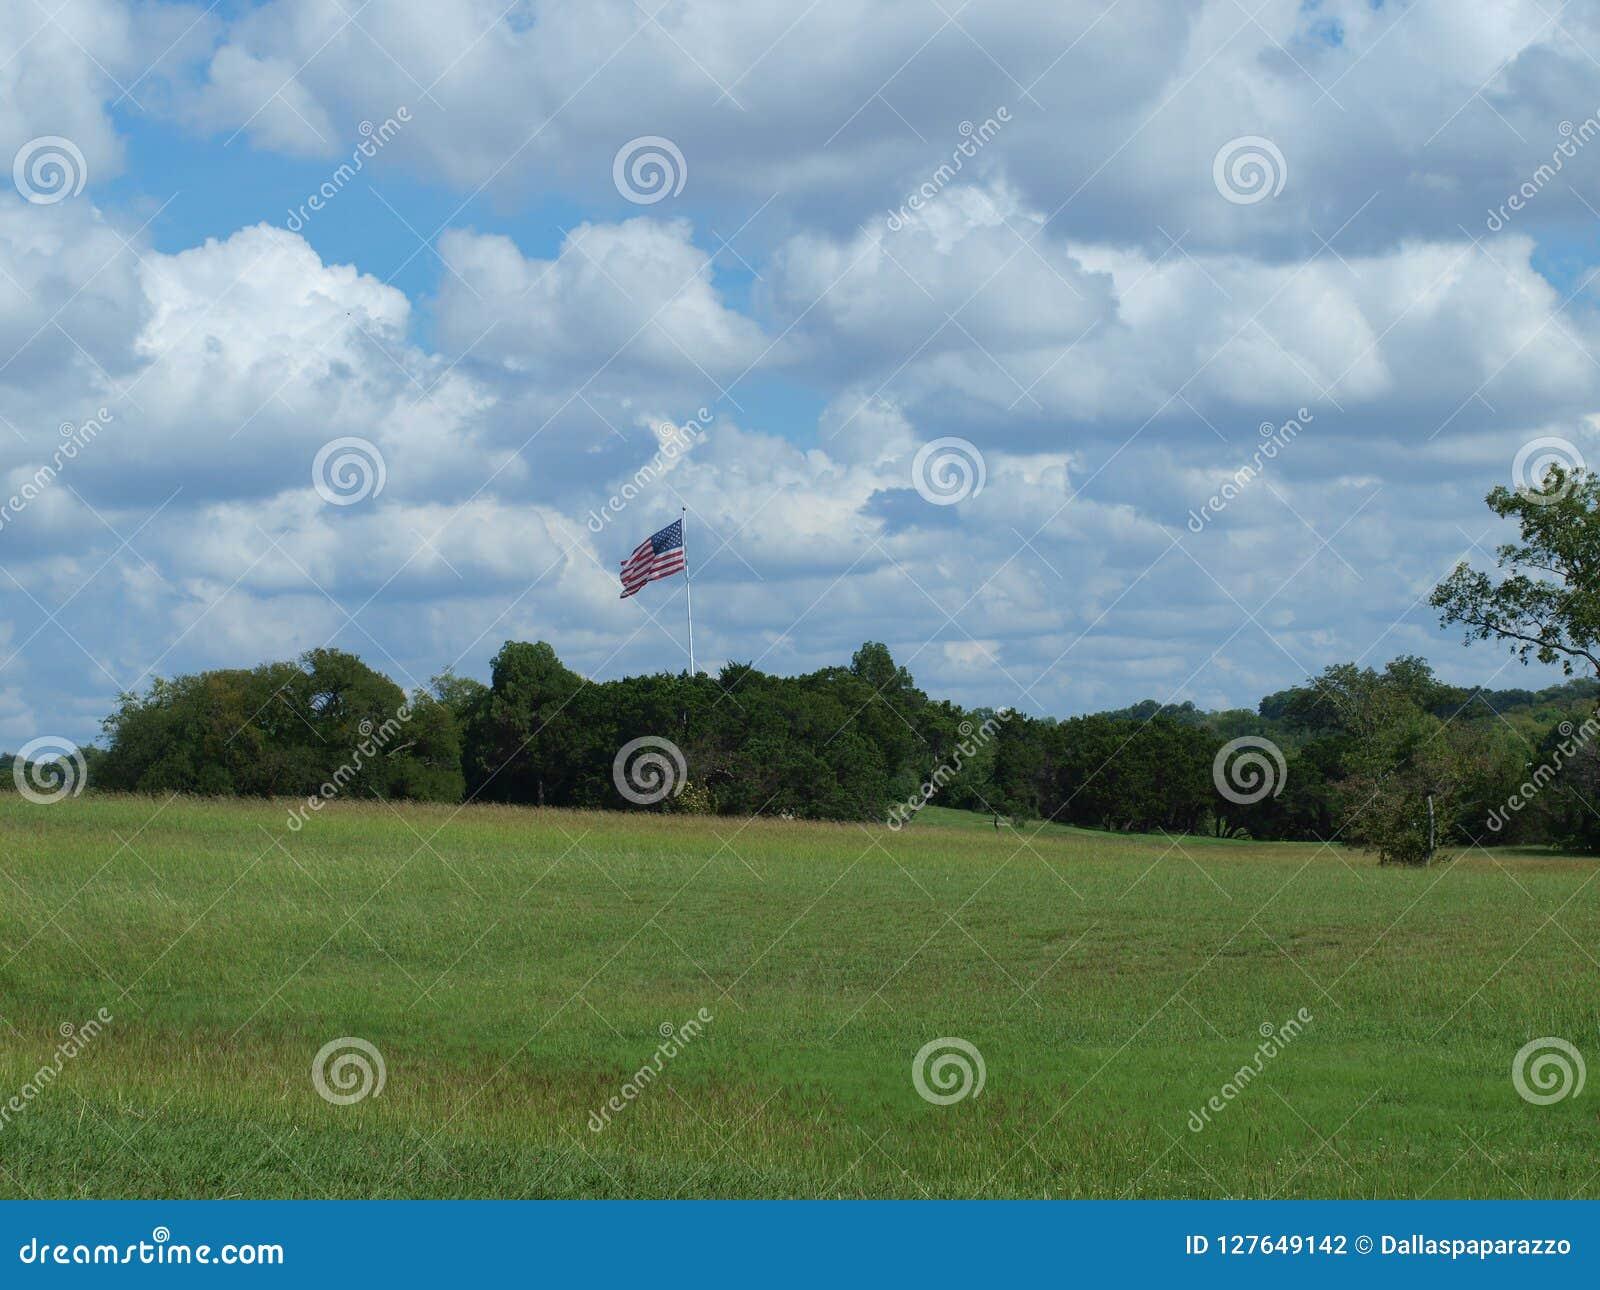 Το Hill κονταριών σημαίας πήρε ακριβώς μια νέα σημαία Πολωνός μετά από μια θύελλα